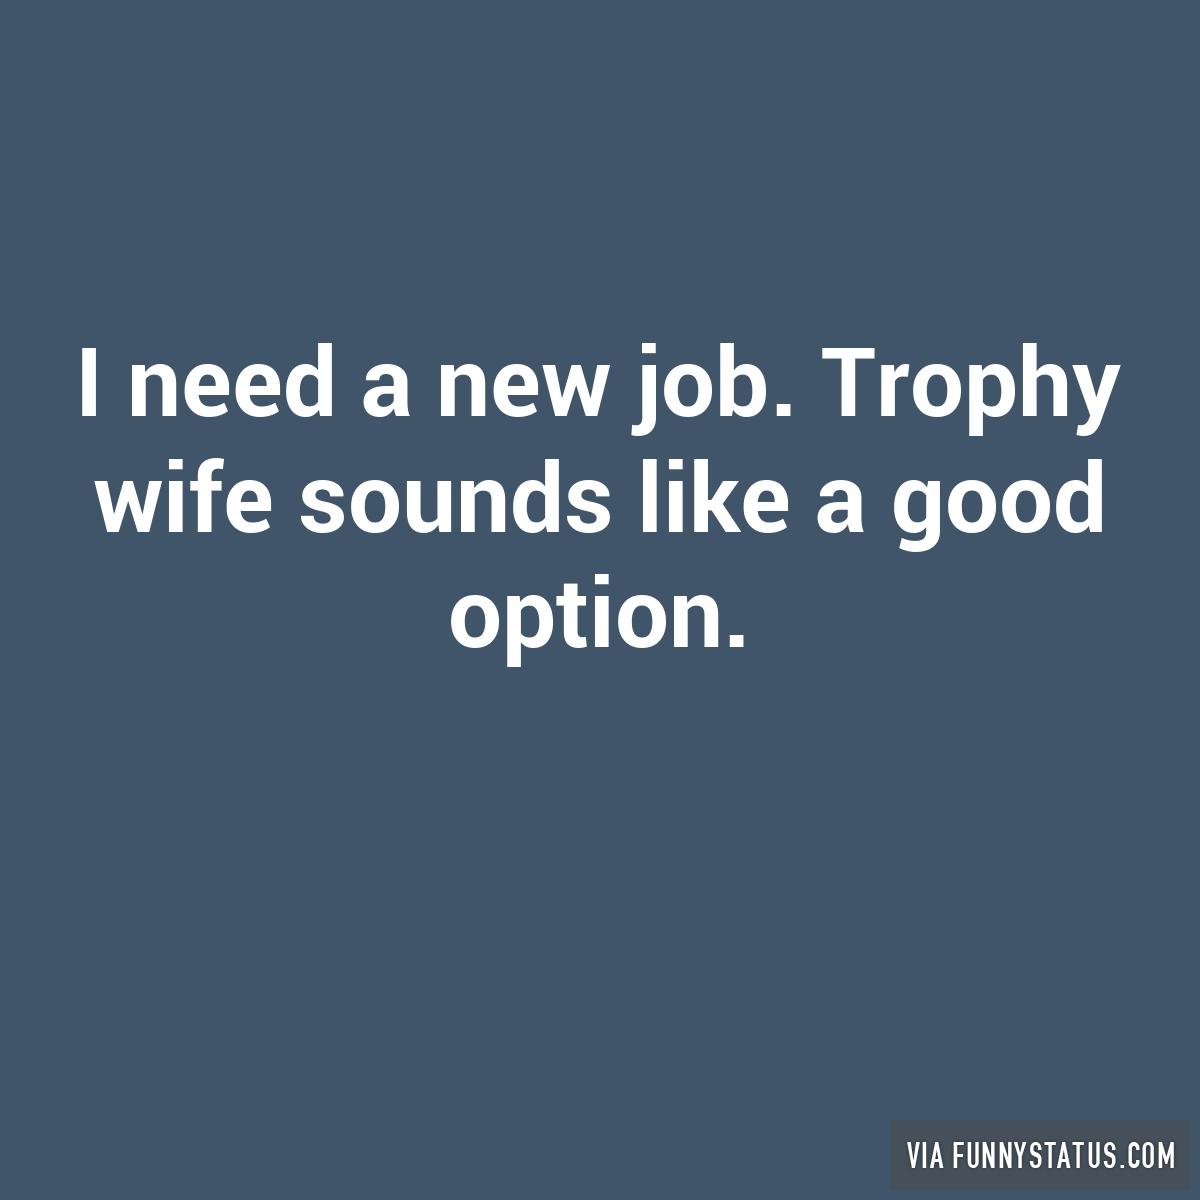 i need a new job trophy wife sounds like a good option funny i need a new job trophy wife sounds like a good option funny status